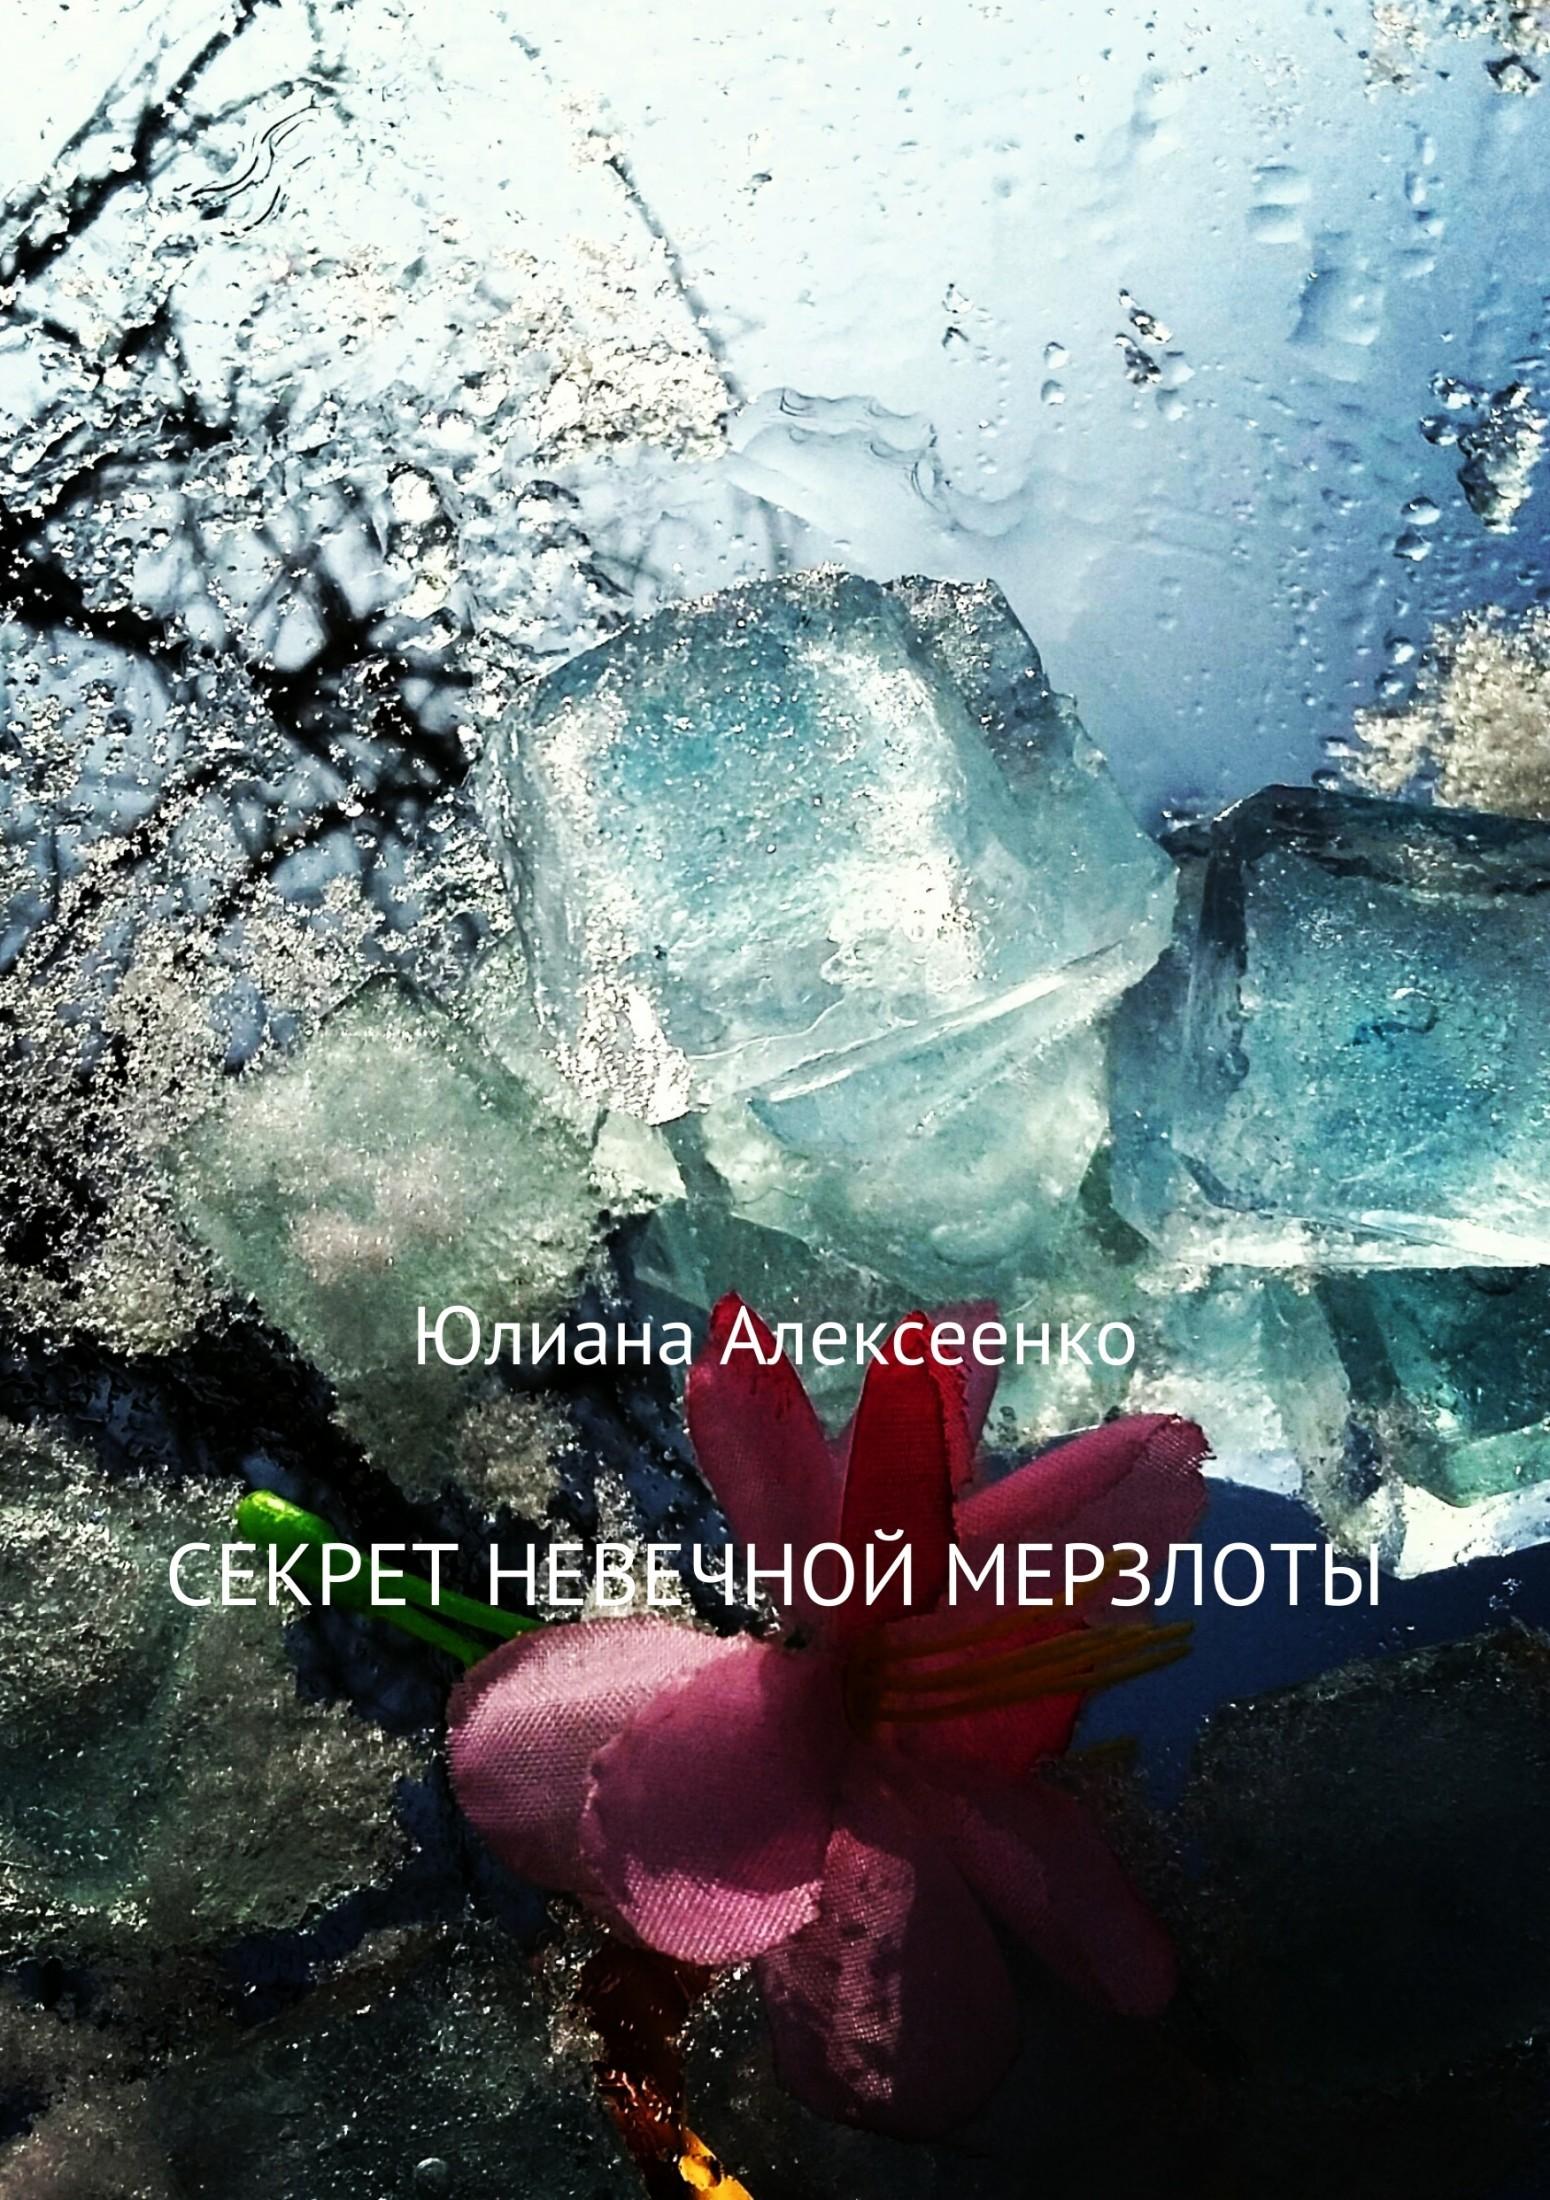 цена на Юлиана Сергеевна Алексеенко Секрет невечной мерзлоты